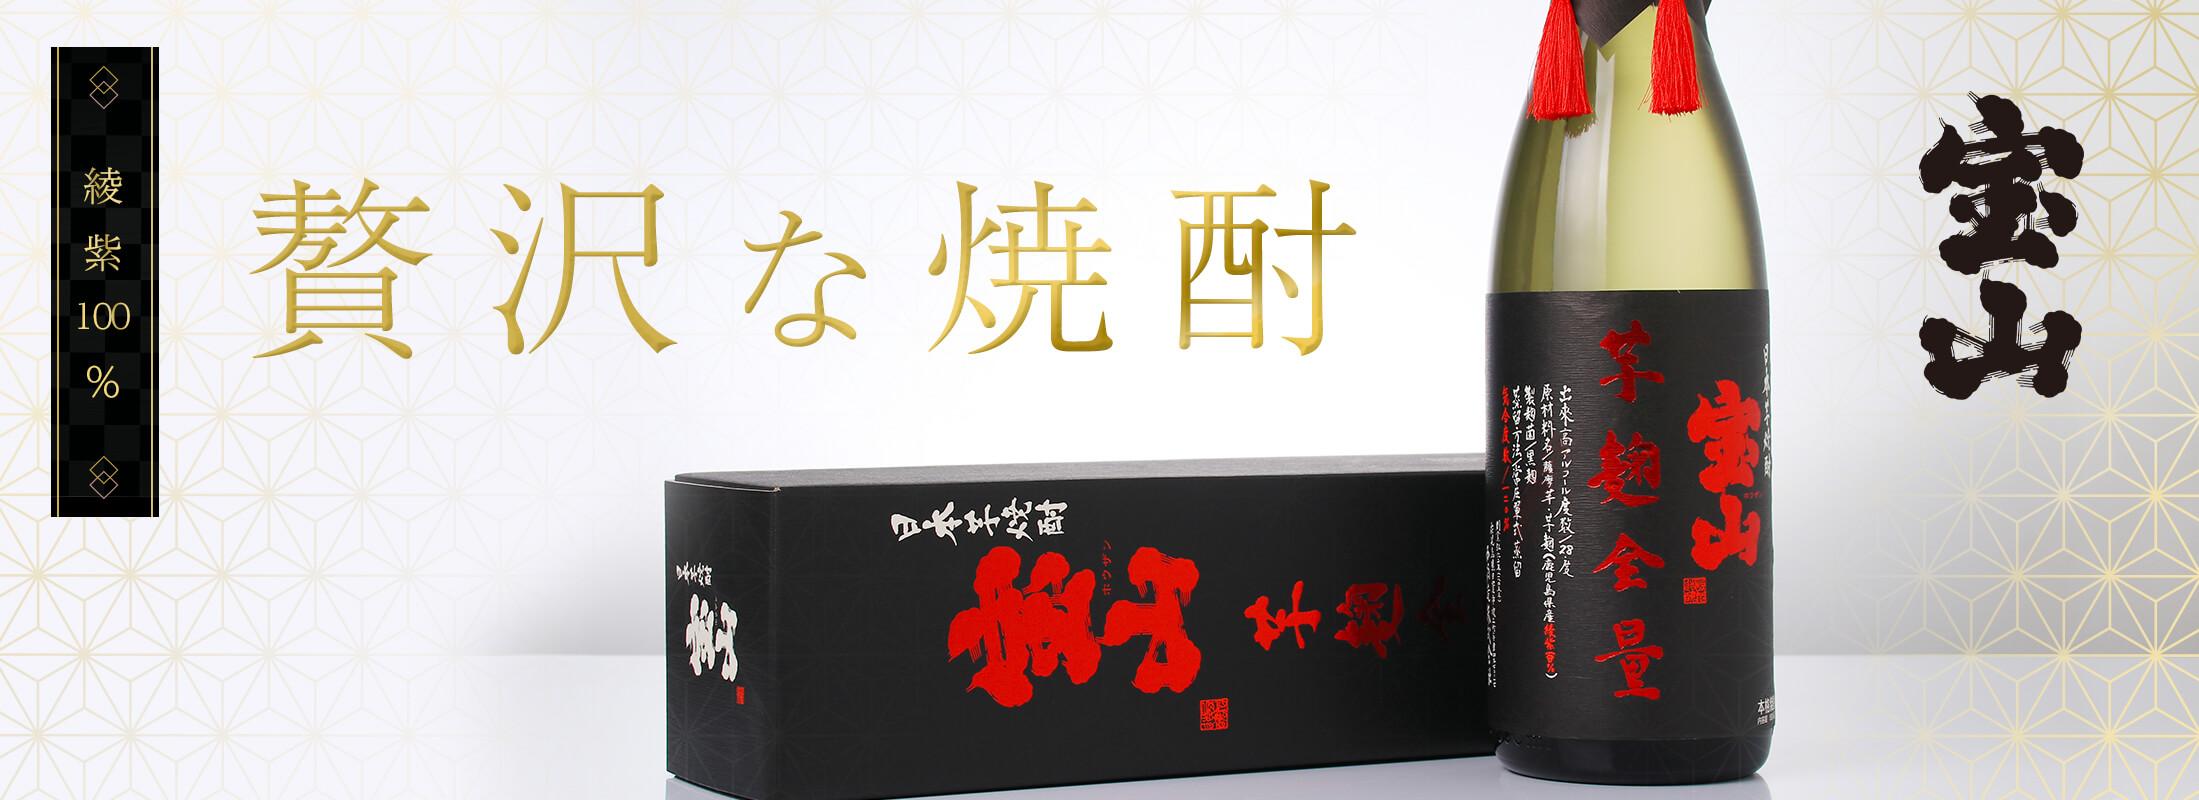 宝山 芋麹全量 綾紫